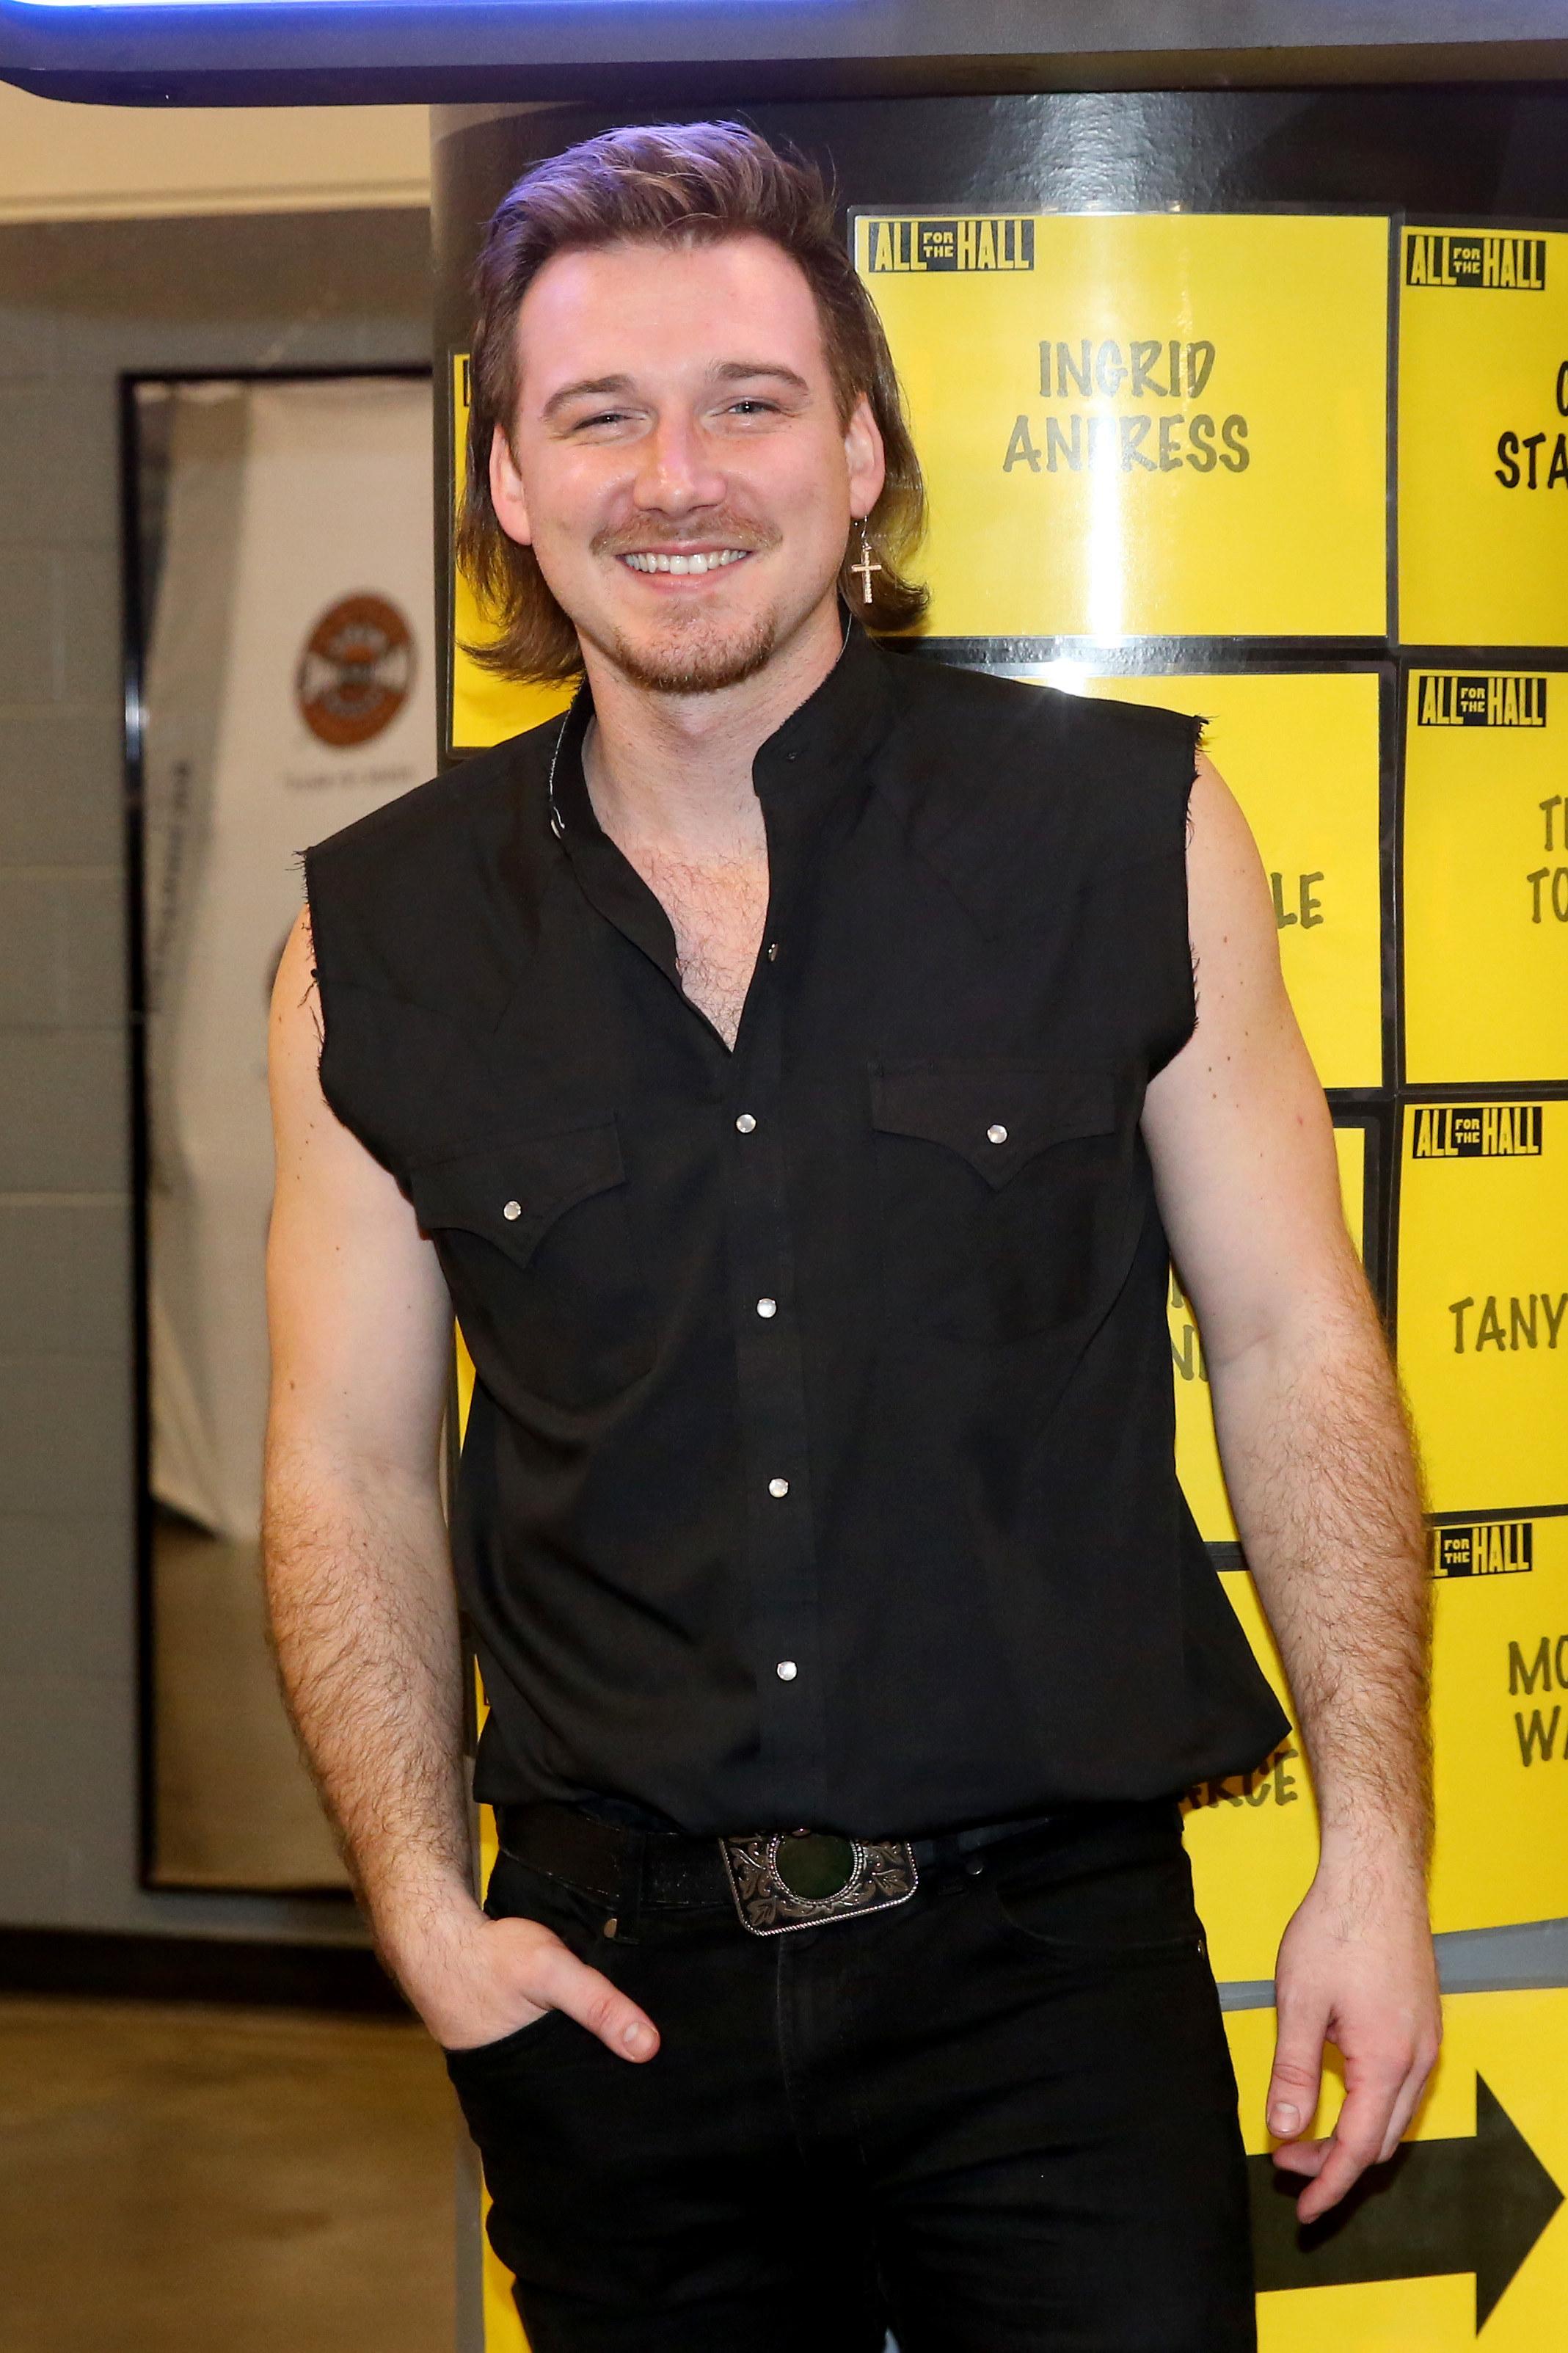 Morgan Wallen at the Bridgestone Arena in Nashville